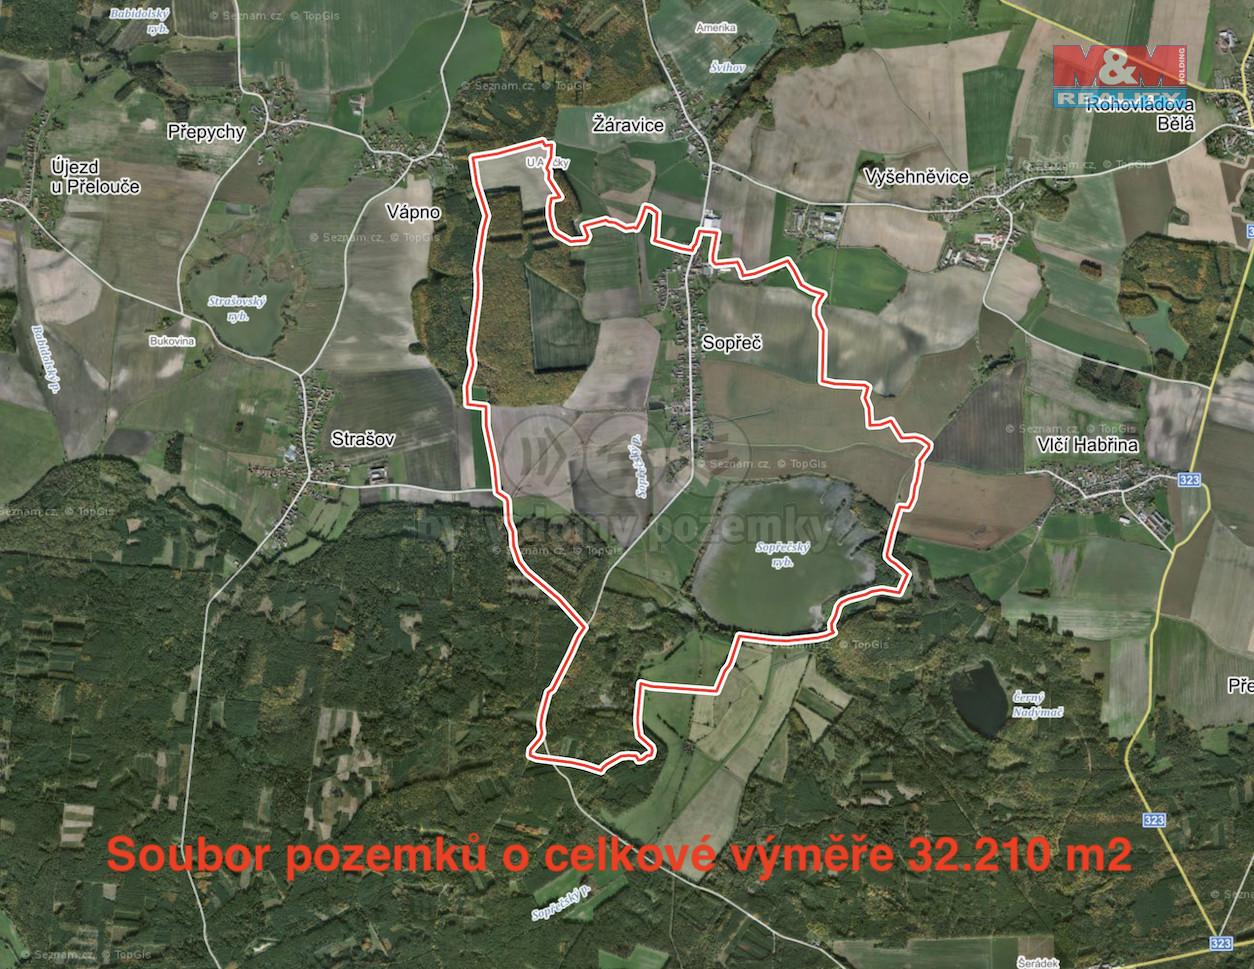 Prodej pole, 32210 m², Sopřeč